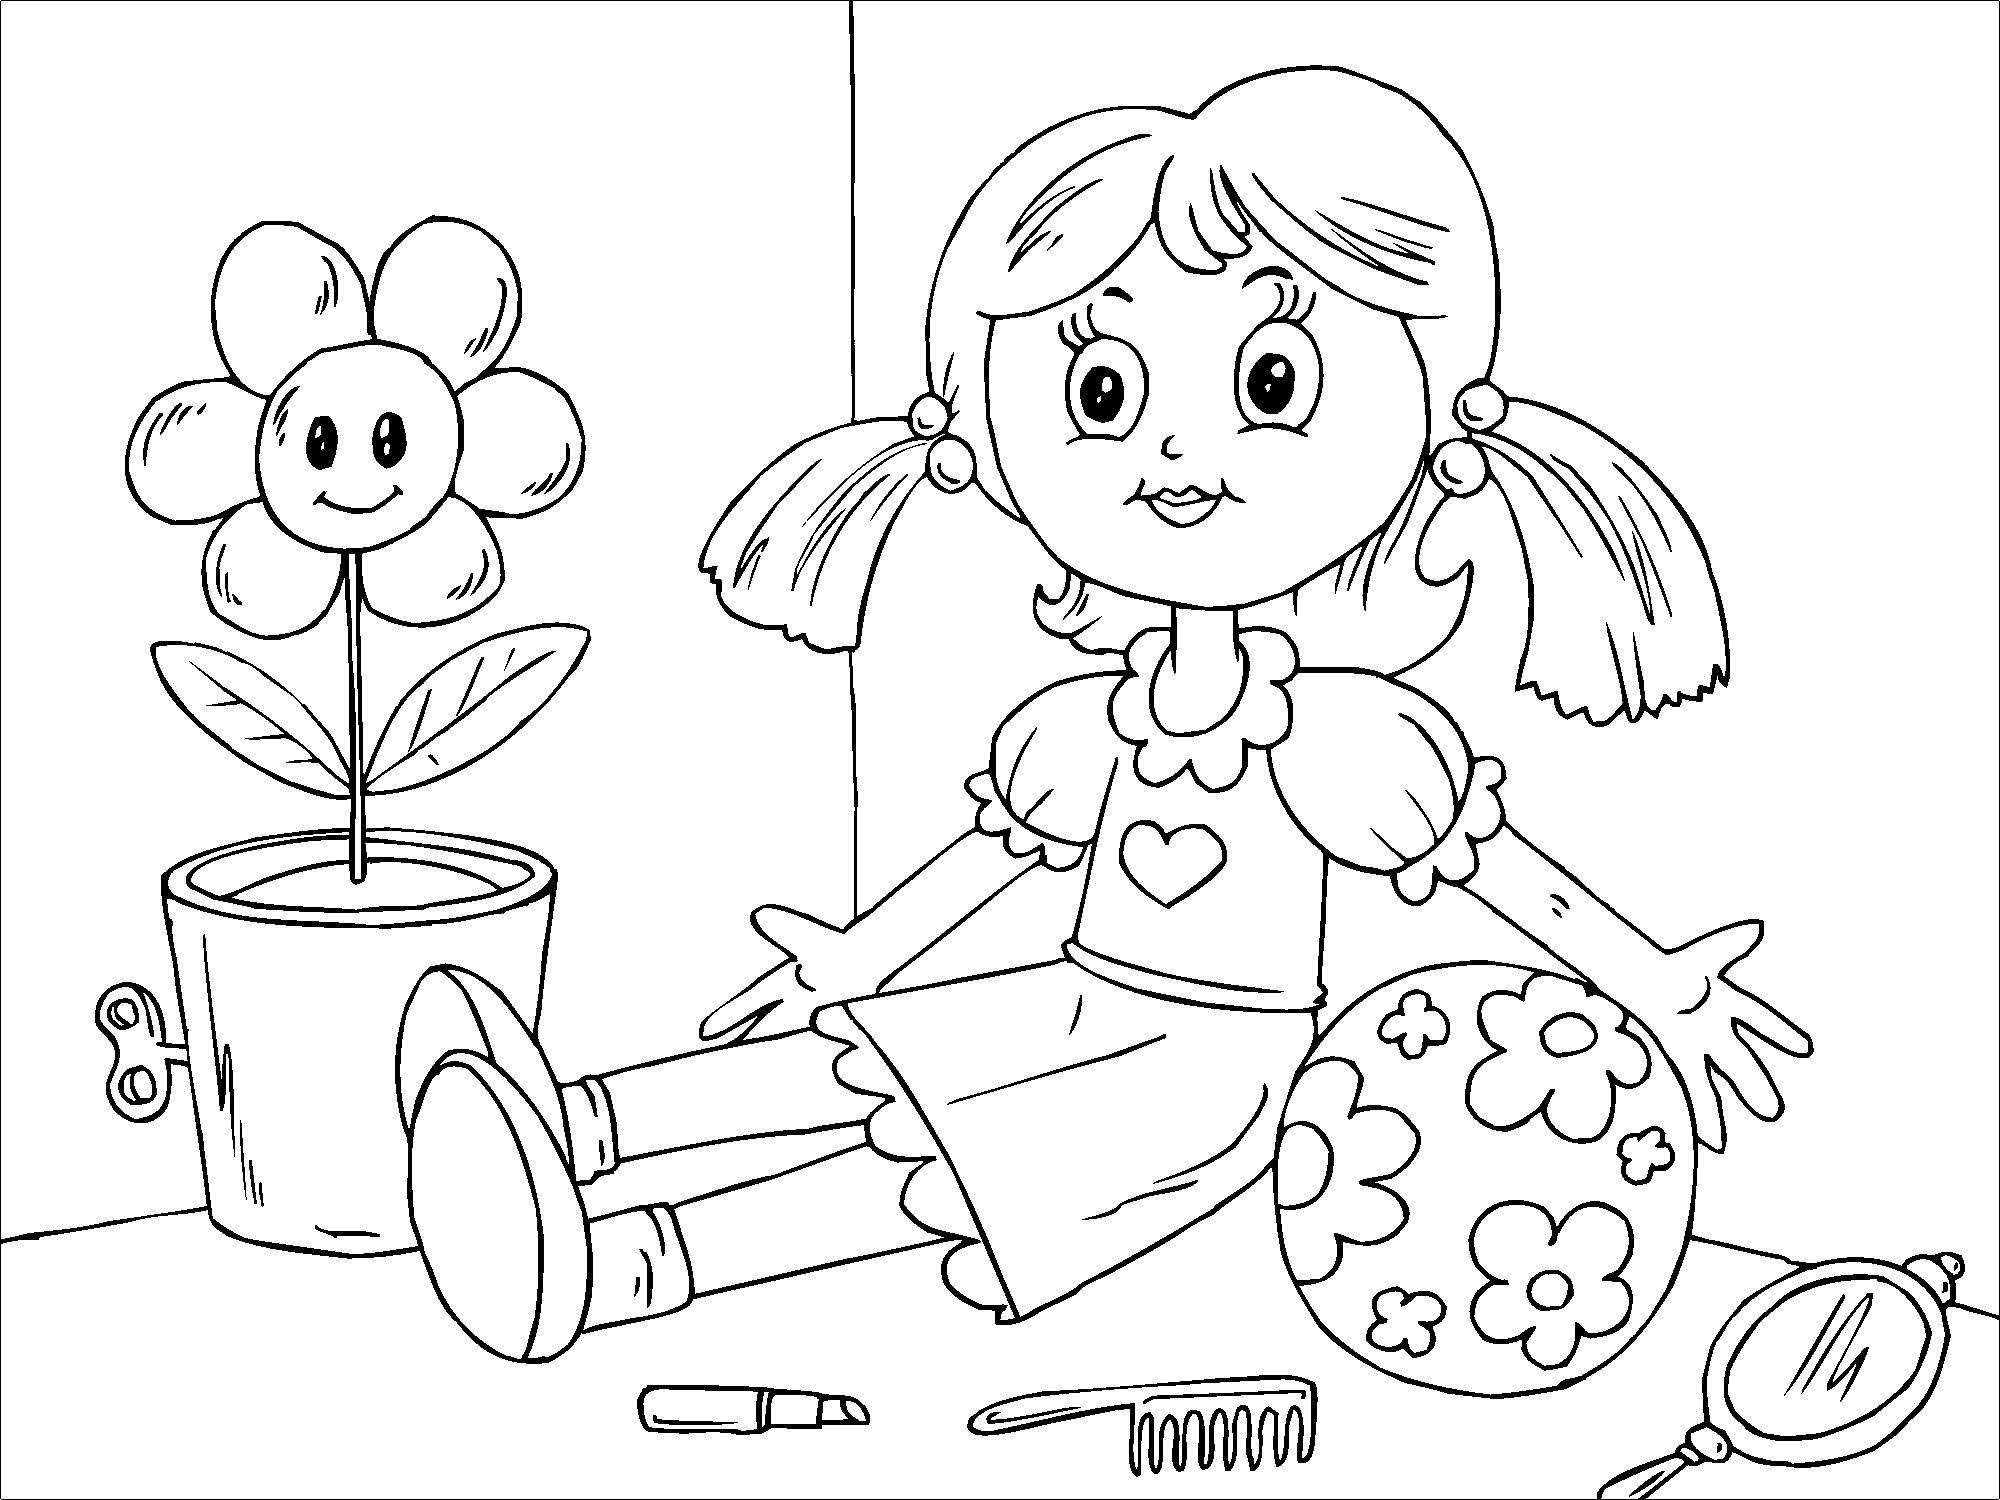 Populares Página para colorir boneca - img 22823. GT11